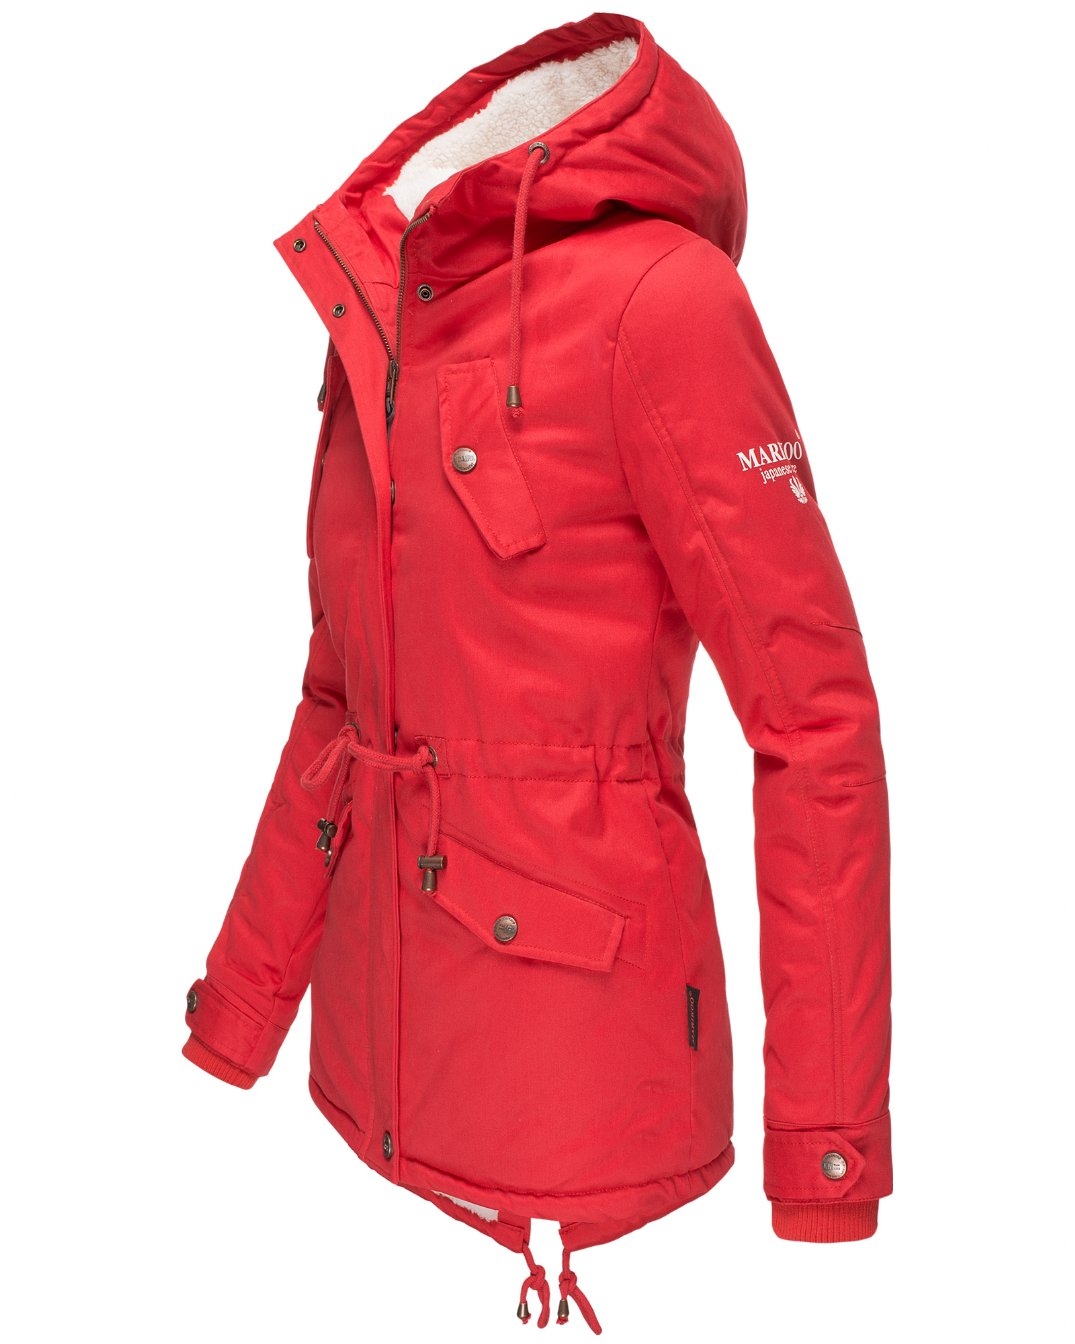 Manolya Navahoo Damen Winterjacke red